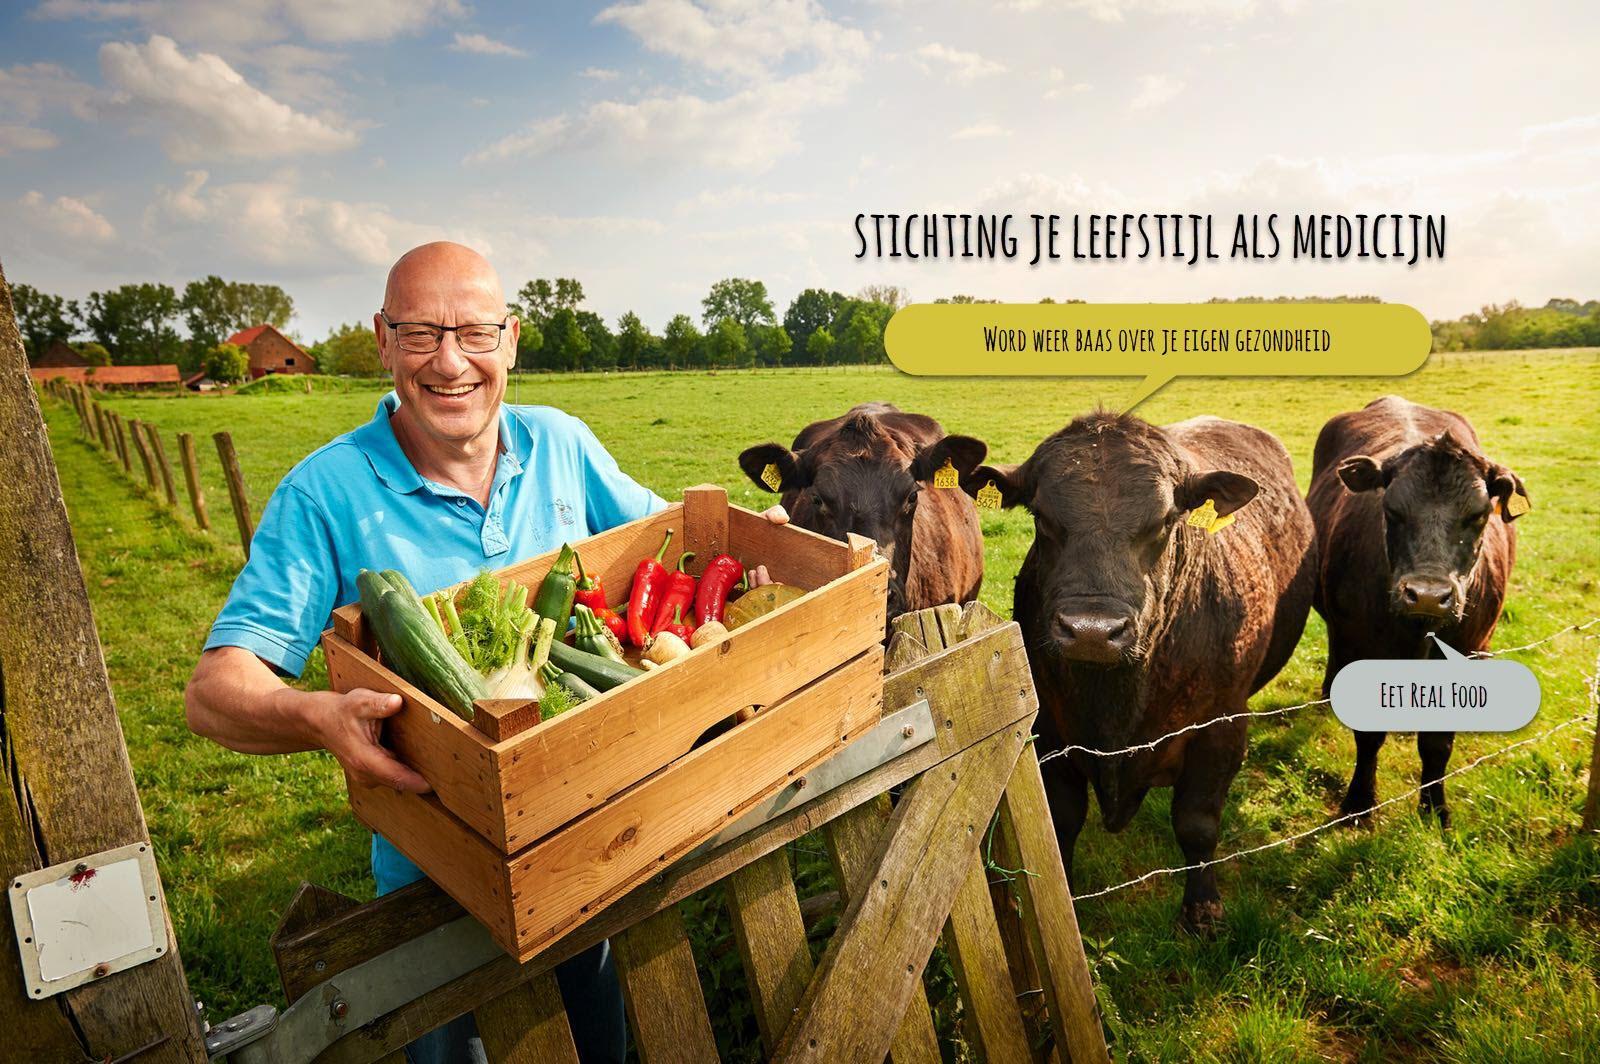 Wim Tilburgs Voorzitter Stichting Je Leefstijl als Medicijn